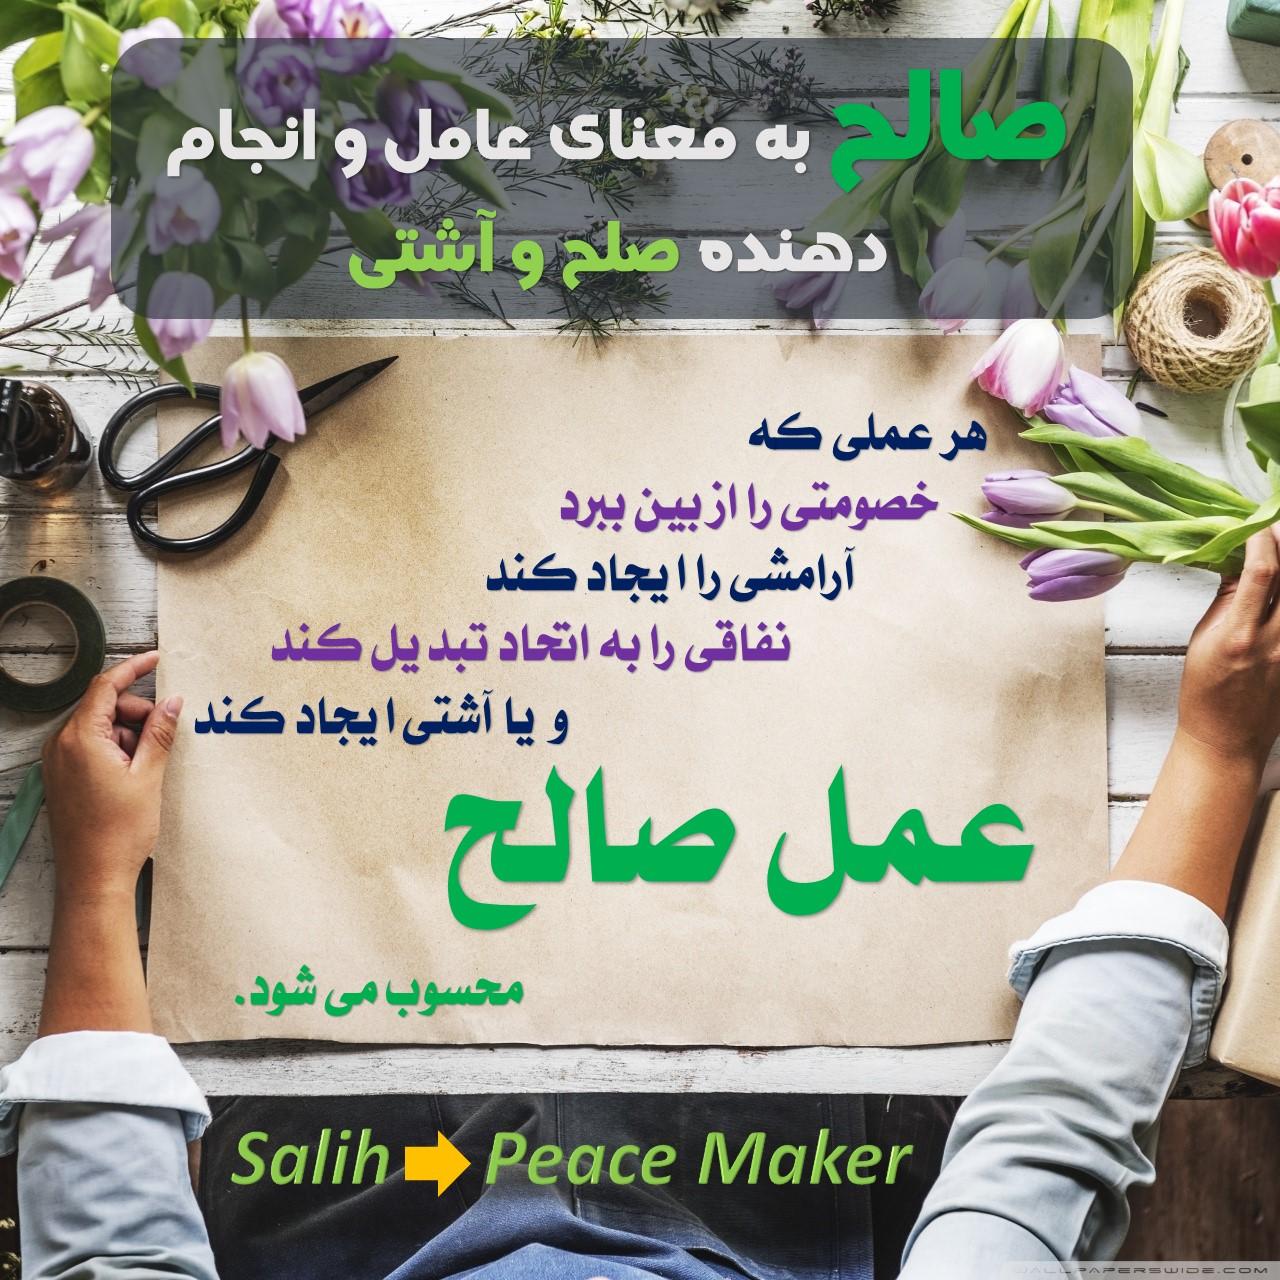 معنی لغت عمل صالح در اسلام و قرآن